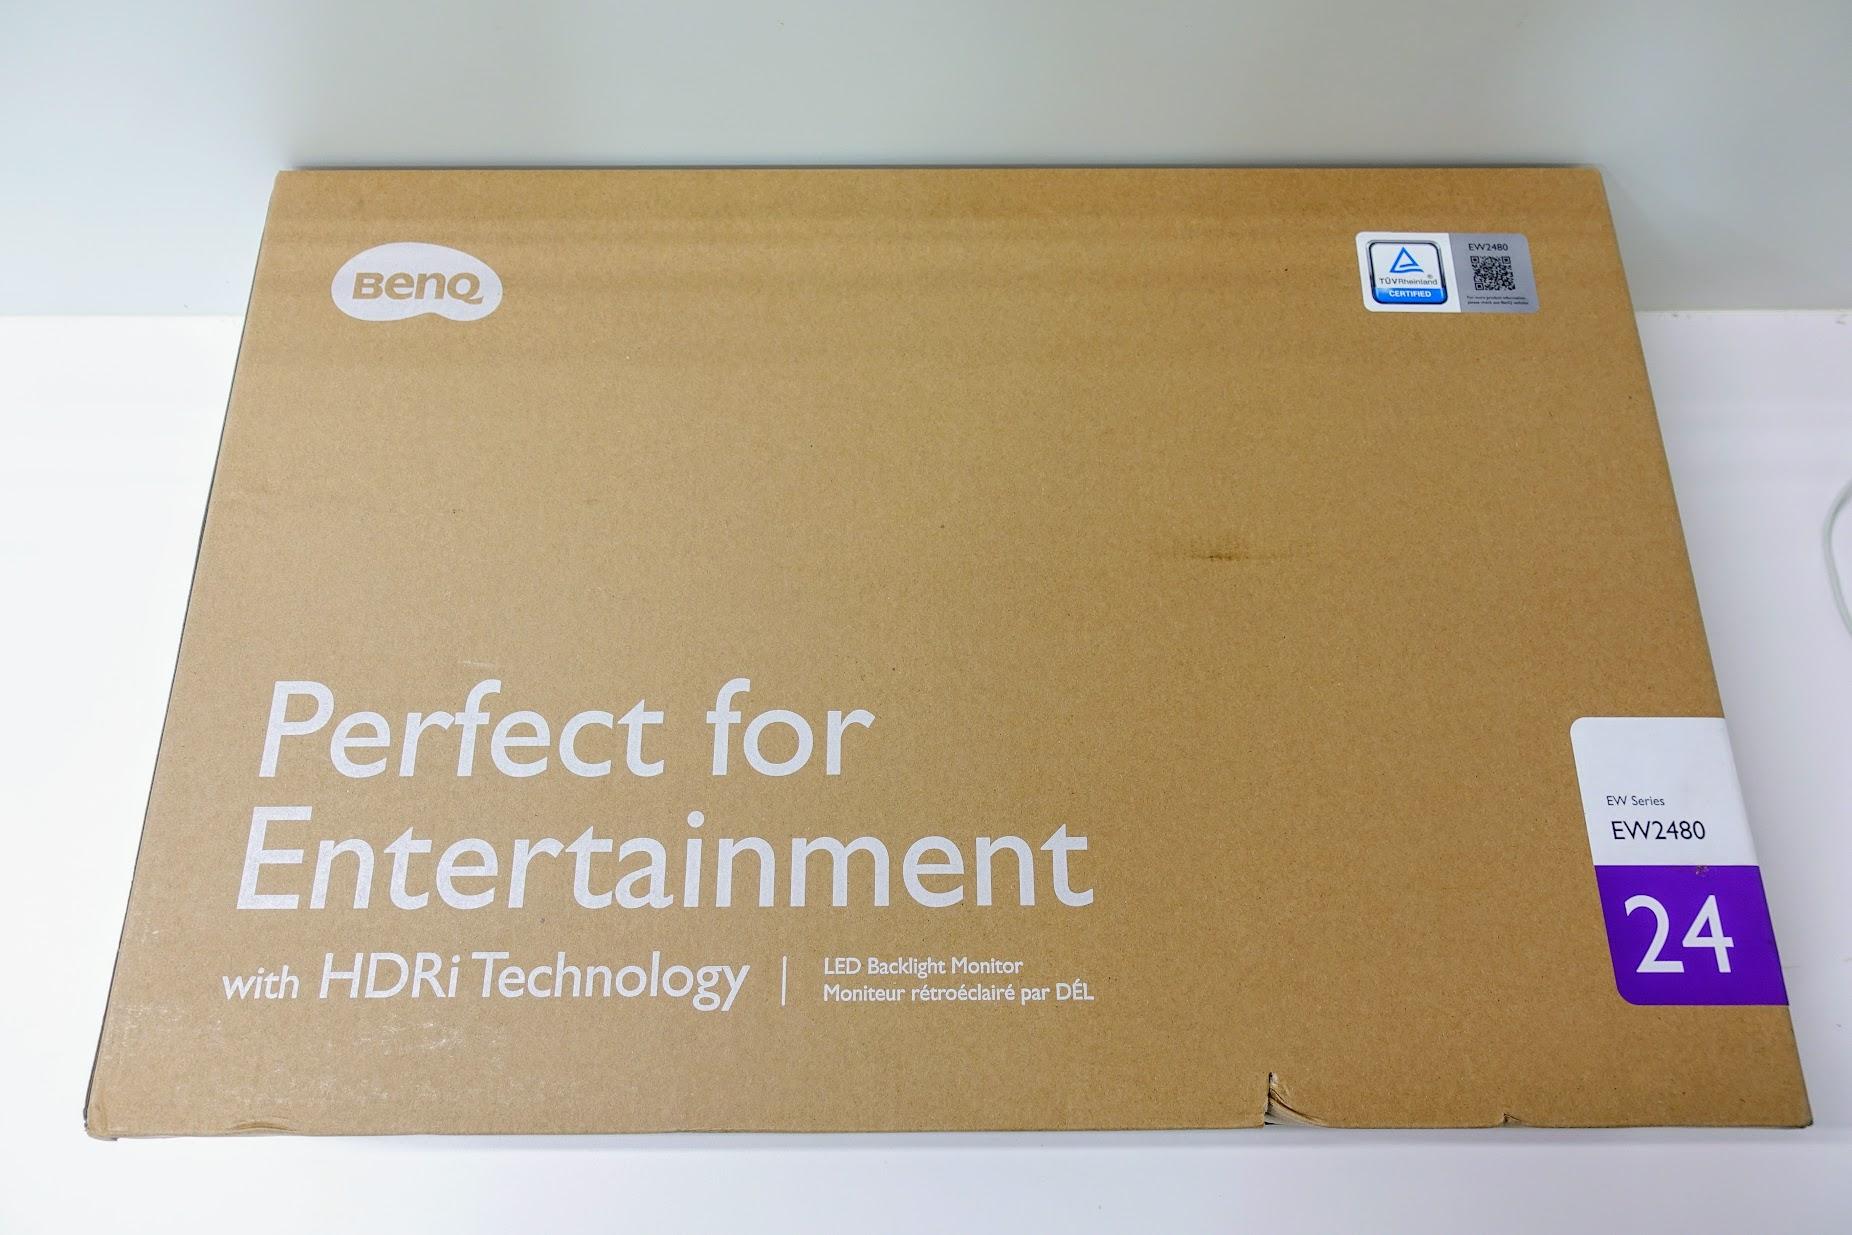 箱子不大,真的很小一台,回想之前EIZO螢幕的紙箱和重量,這台簡直像是玩具一般XD